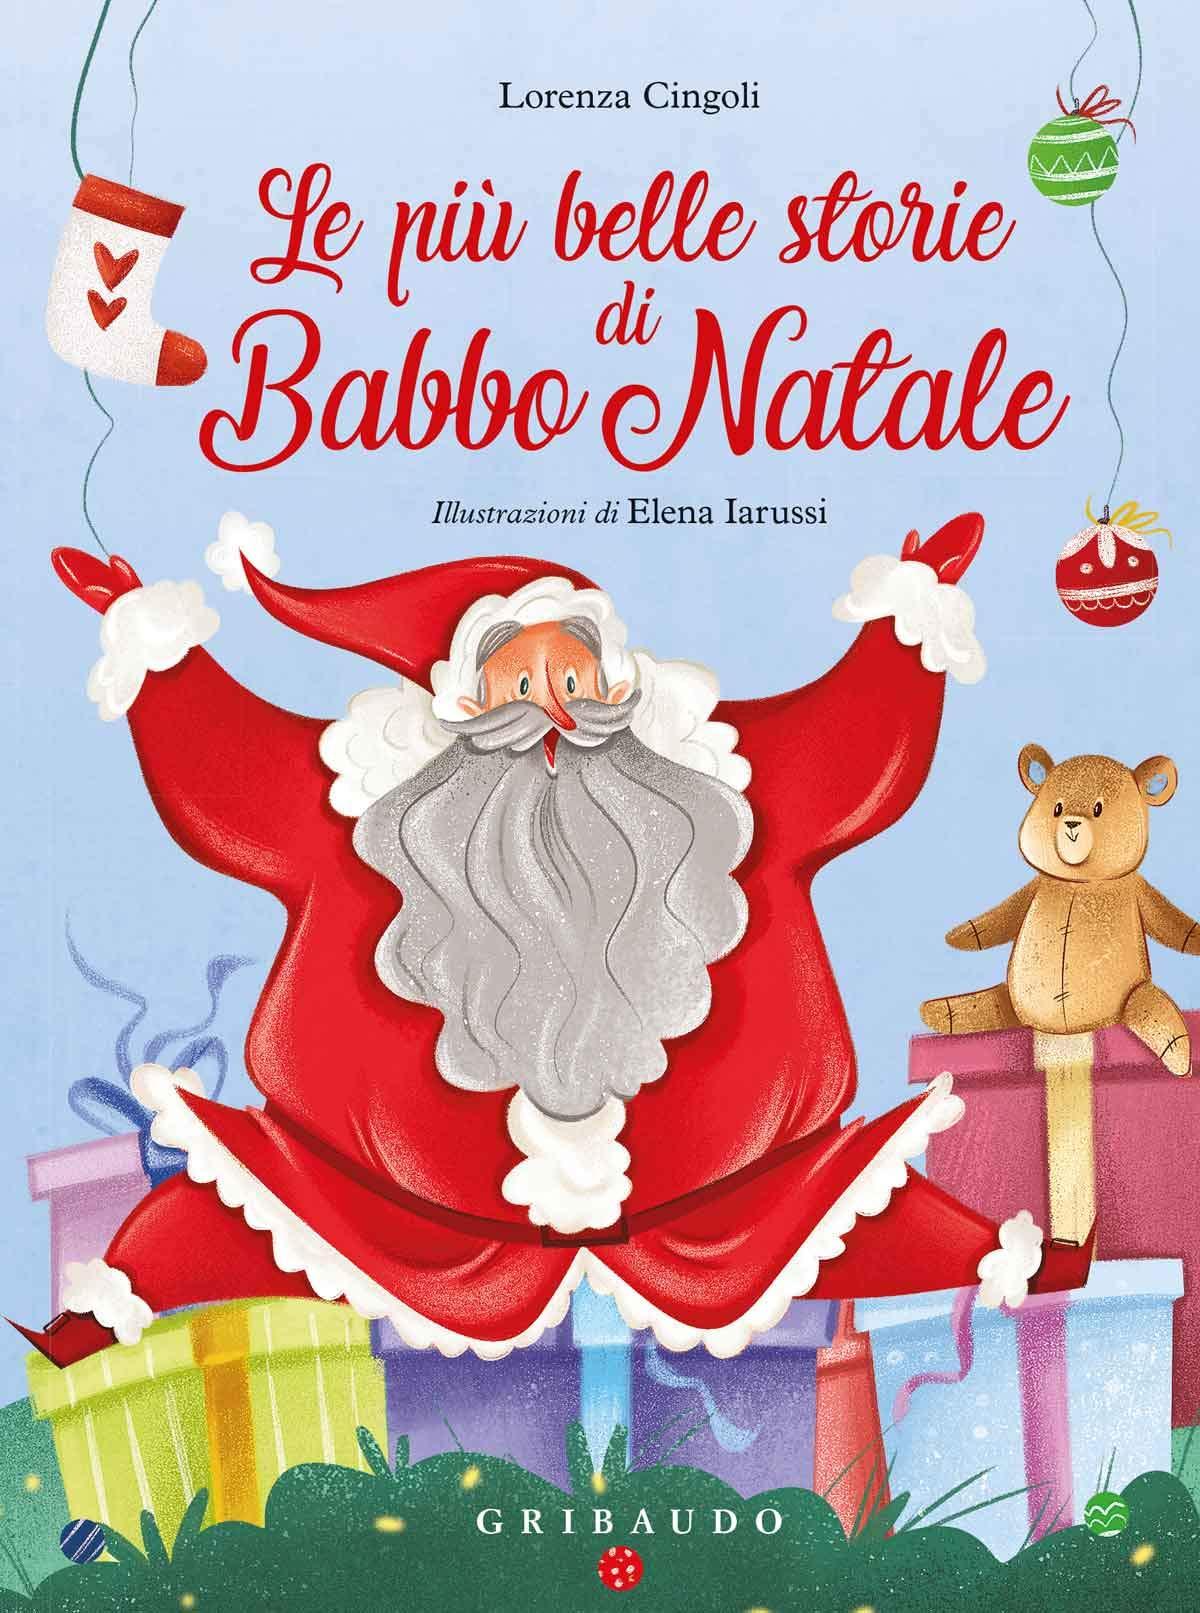 Le Storie Di Babbo Natale.Le Piu Belle Storie Di Babbo Natale Cingoli Lorenza Iarussi E 9788858024201 Amazon Com Books